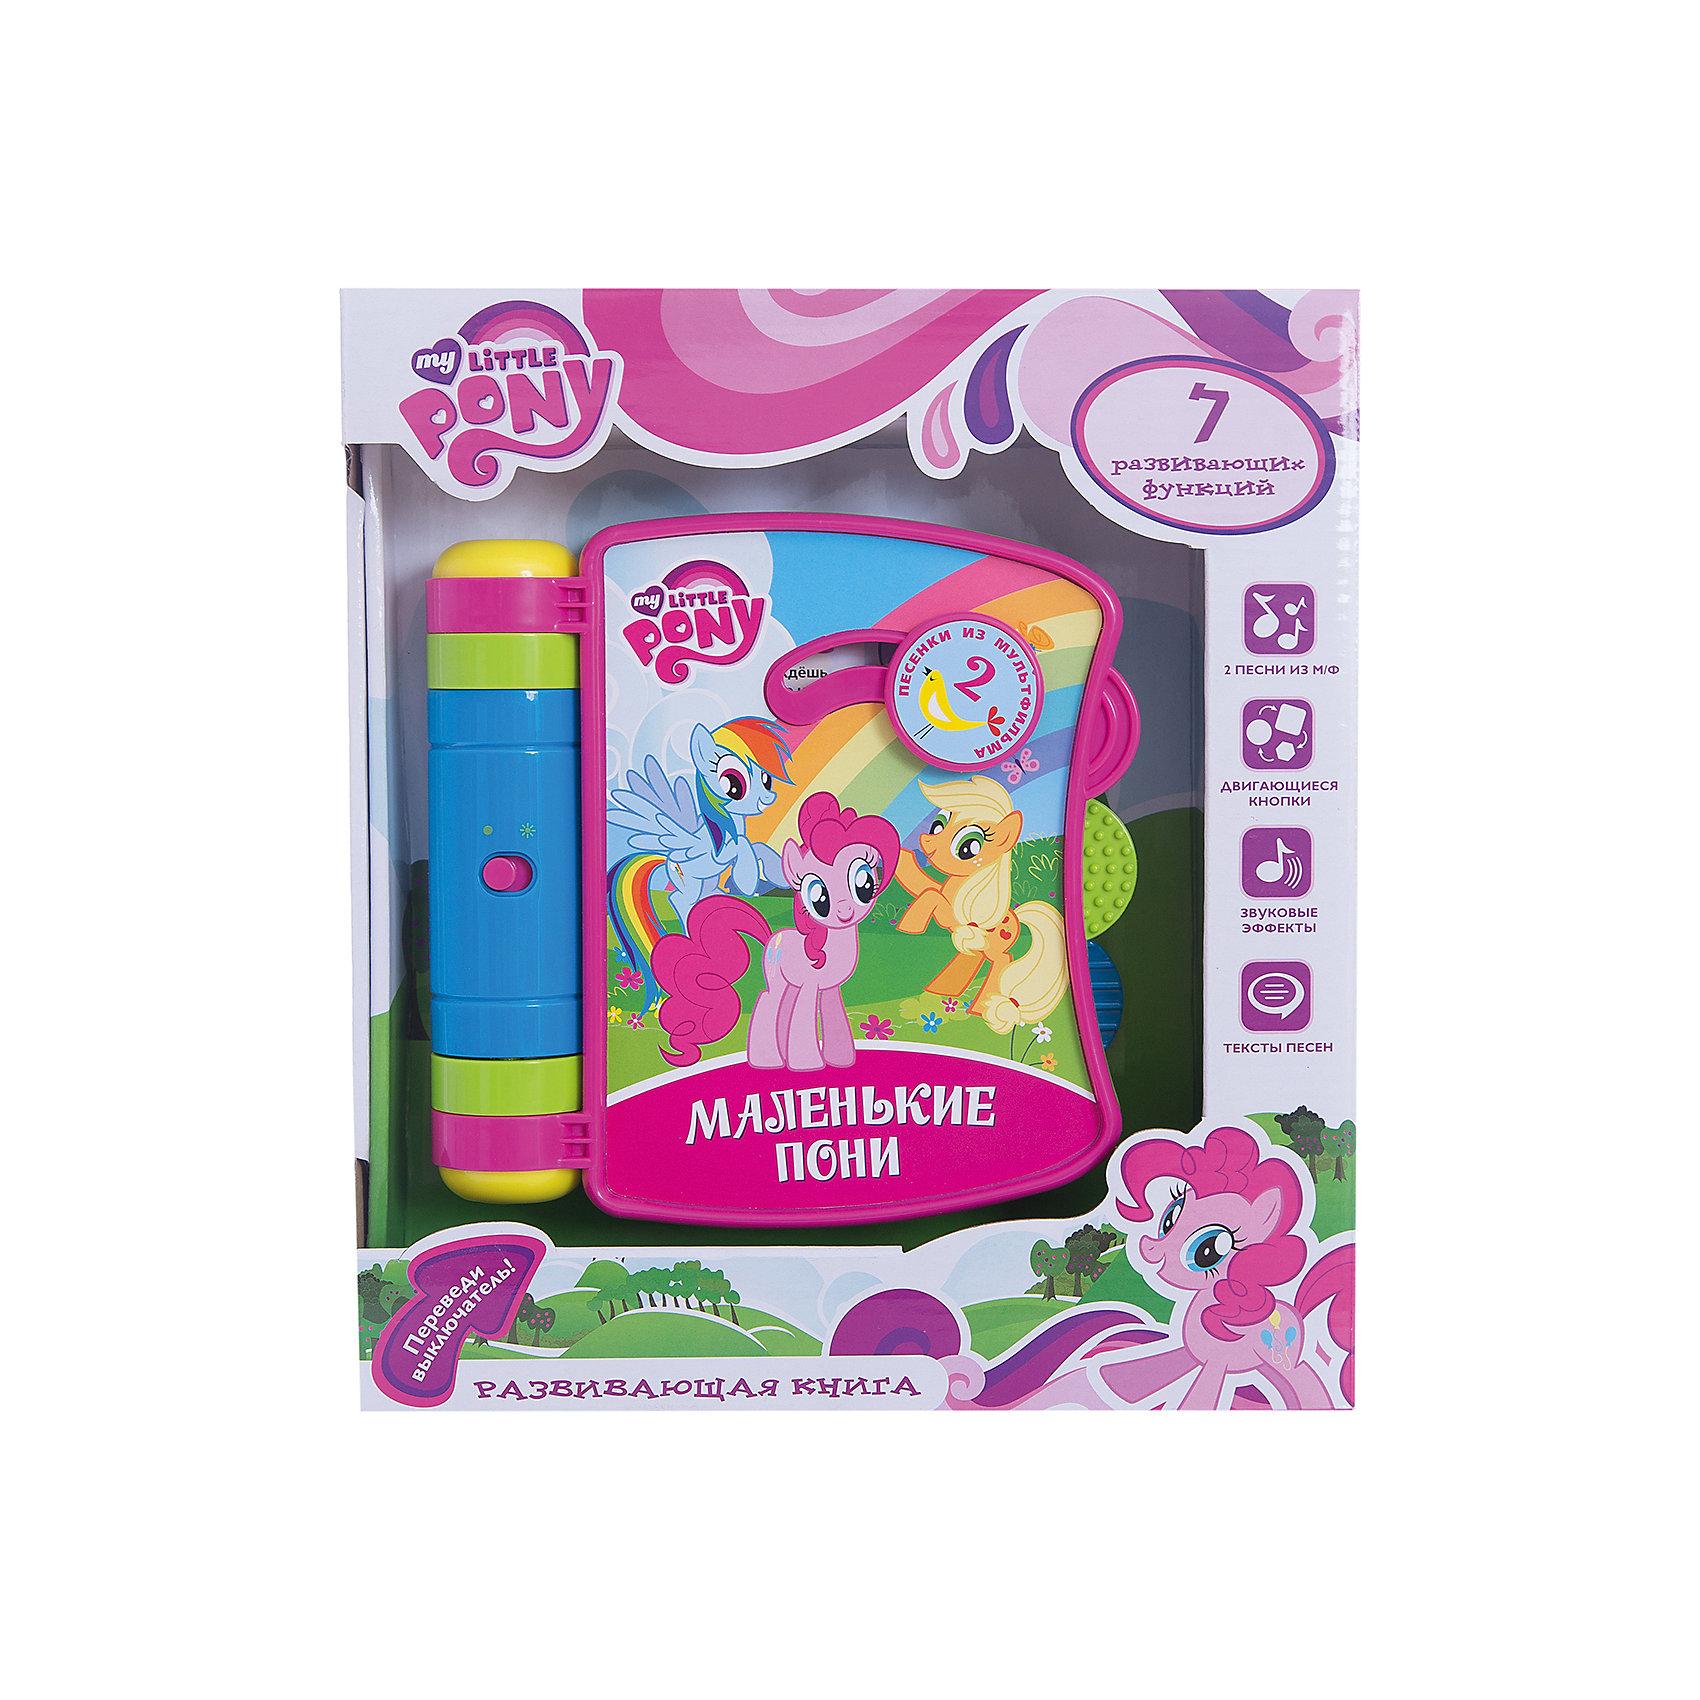 Музыкальная развивающая книга, My little Pony, УмкаМузыкальная развивающая книга, My little Pony, Умка – эта книга станет необычным, ярким, обучающим игровым элементов в вашем доме.<br>Развивающая пластиковая книга My Little pony (Мой маленький пони) Умка имеет 6 развивающих функций, 4 переворачиваемые страницы. Поет песню пони. Красочные картинки способствуют развитию ассоциативных связей и визуального восприятия. Различные звуковые эффекты развивают слуховое восприятие. Открывая книгу и нажимая на кнопки разной формы, ребенок разовьет тактильные ощущения, мелкую моторику и укрепит мышцы рук.<br><br>Дополнительная информация:<br><br>- Размер: 16х16х4 см.<br>- Работает от 2-х батареек типа ААА, батарейки входят в комплект<br>- Материал: высококачественная пластмасса<br>- Серия: Моя маленькая Пони<br><br>Музыкальную развивающую книгу, My little Pony (Май литл пони), Умка можно купить в нашем интернет-магазине.<br><br>Ширина мм: 260<br>Глубина мм: 50<br>Высота мм: 230<br>Вес г: 520<br>Возраст от месяцев: 6<br>Возраст до месяцев: 36<br>Пол: Женский<br>Возраст: Детский<br>SKU: 3789449